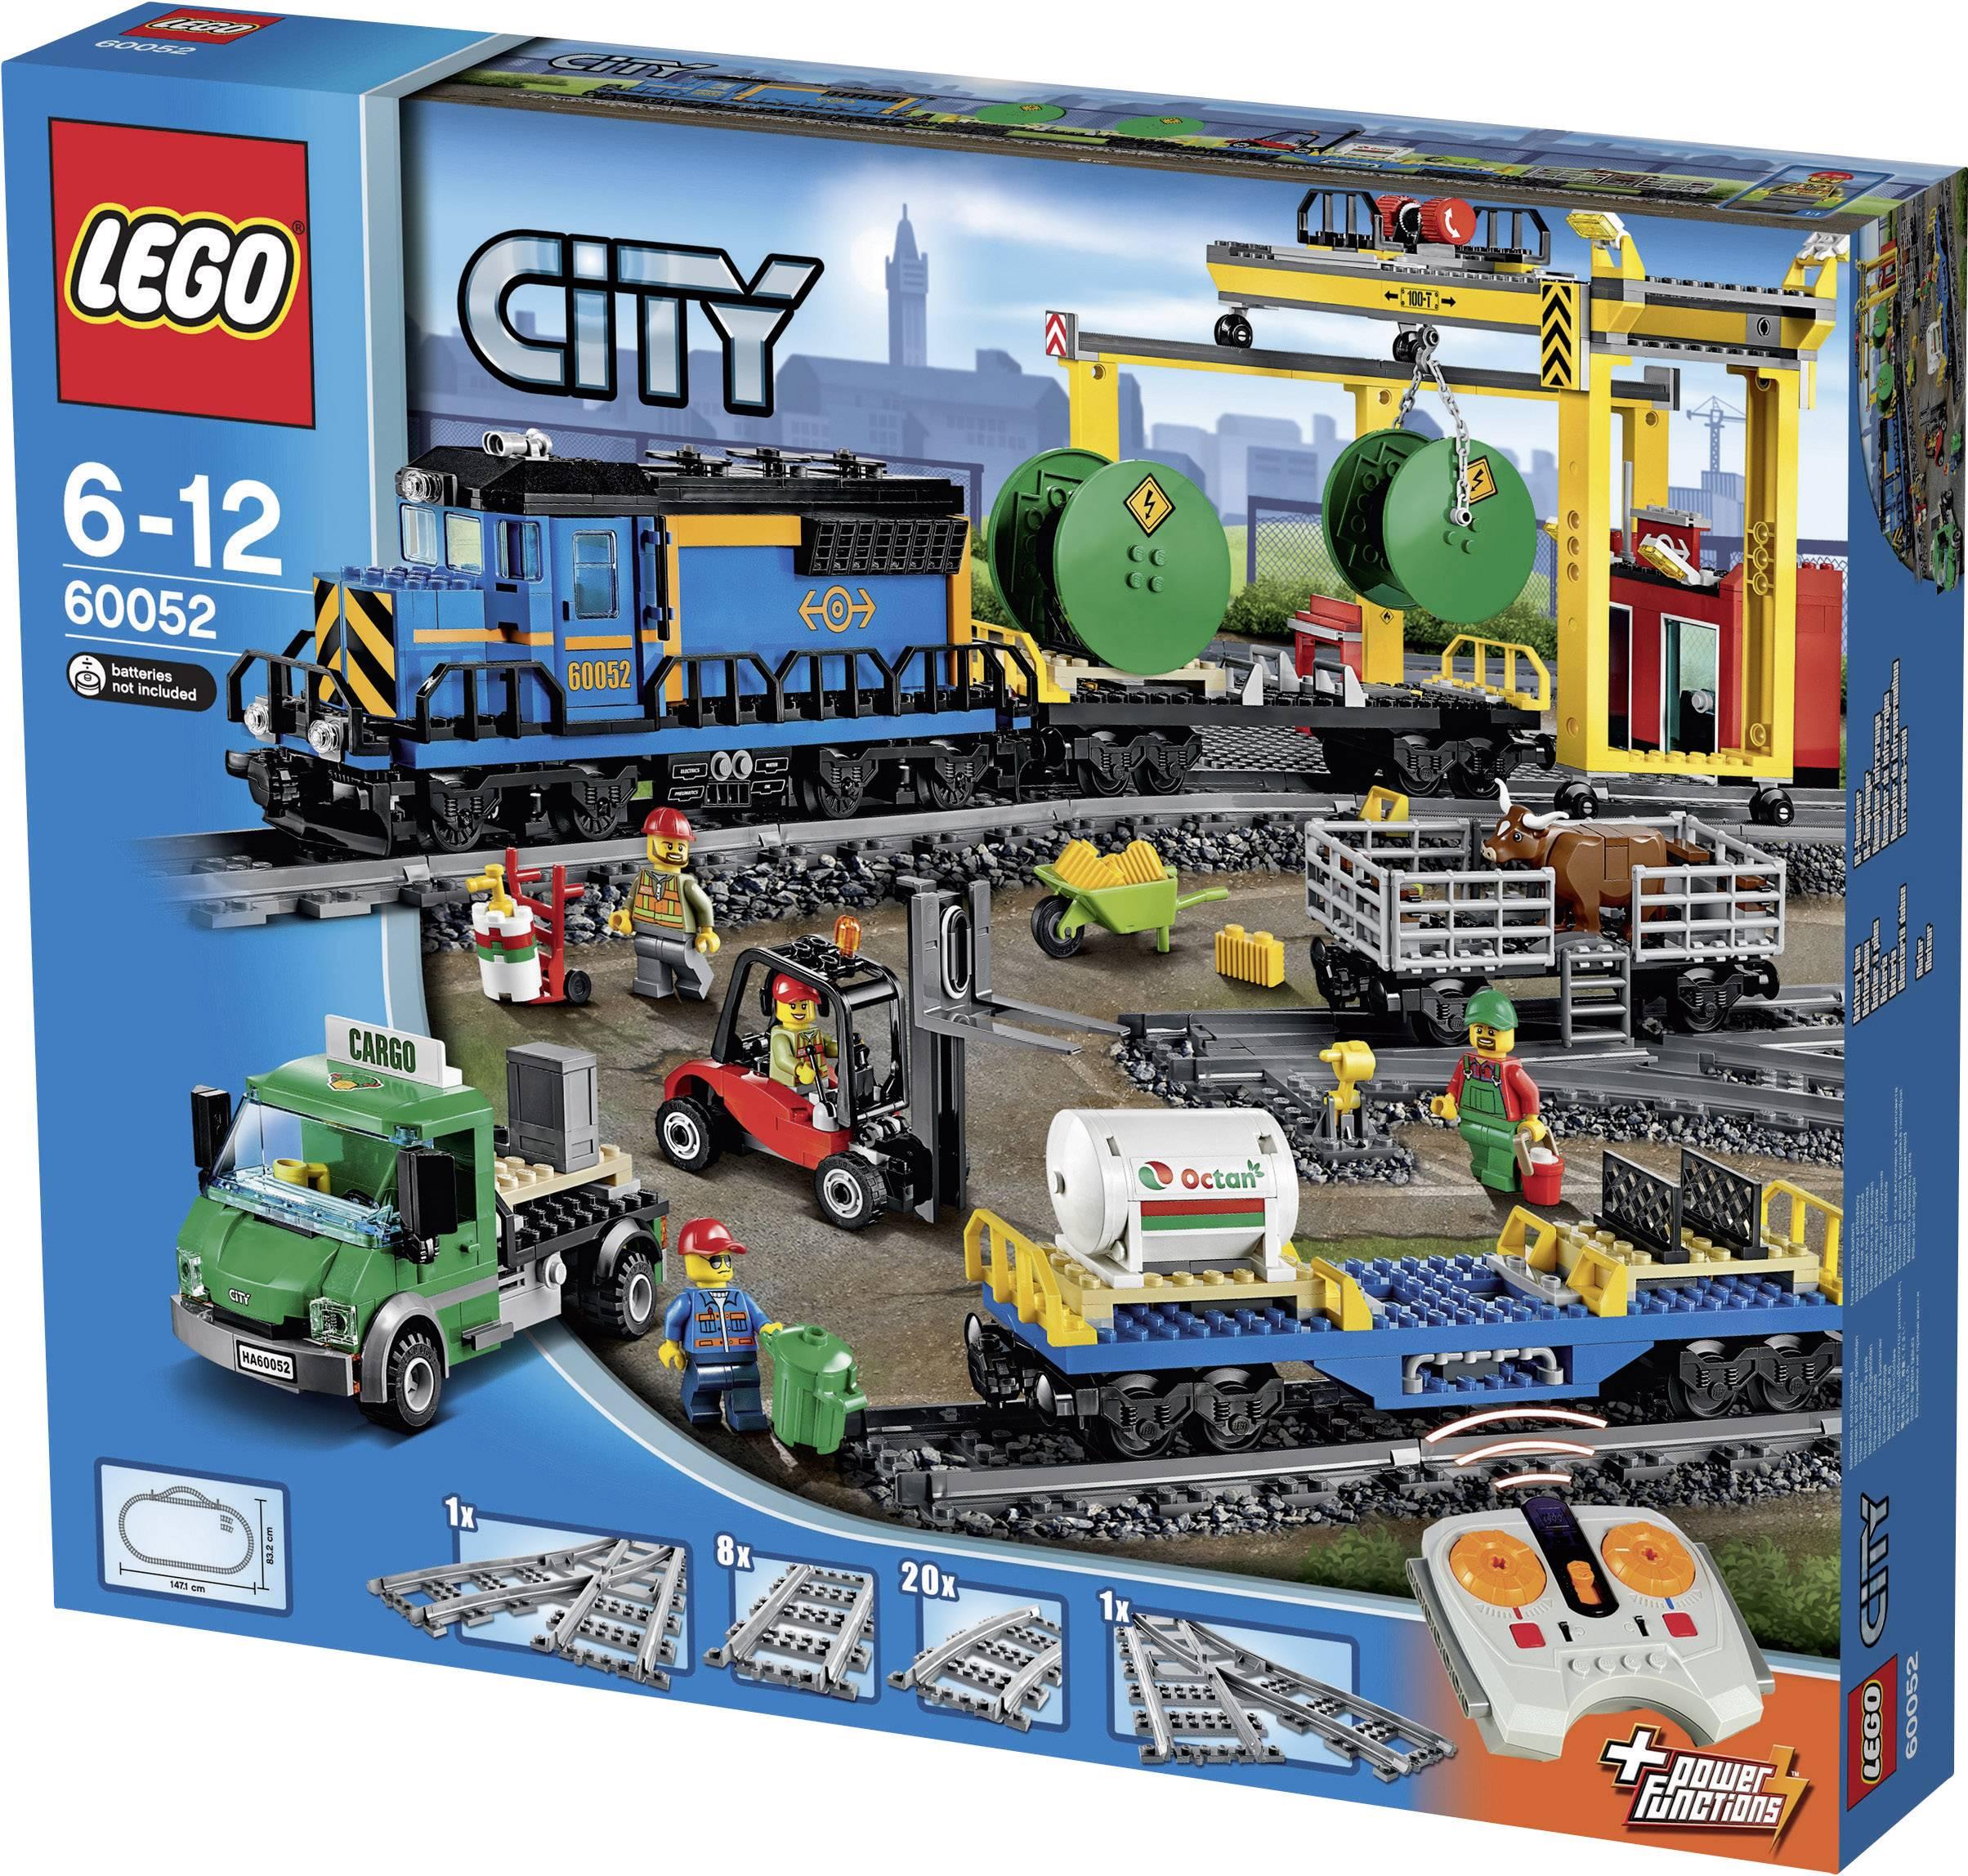 Lego City 60052 Conradcom